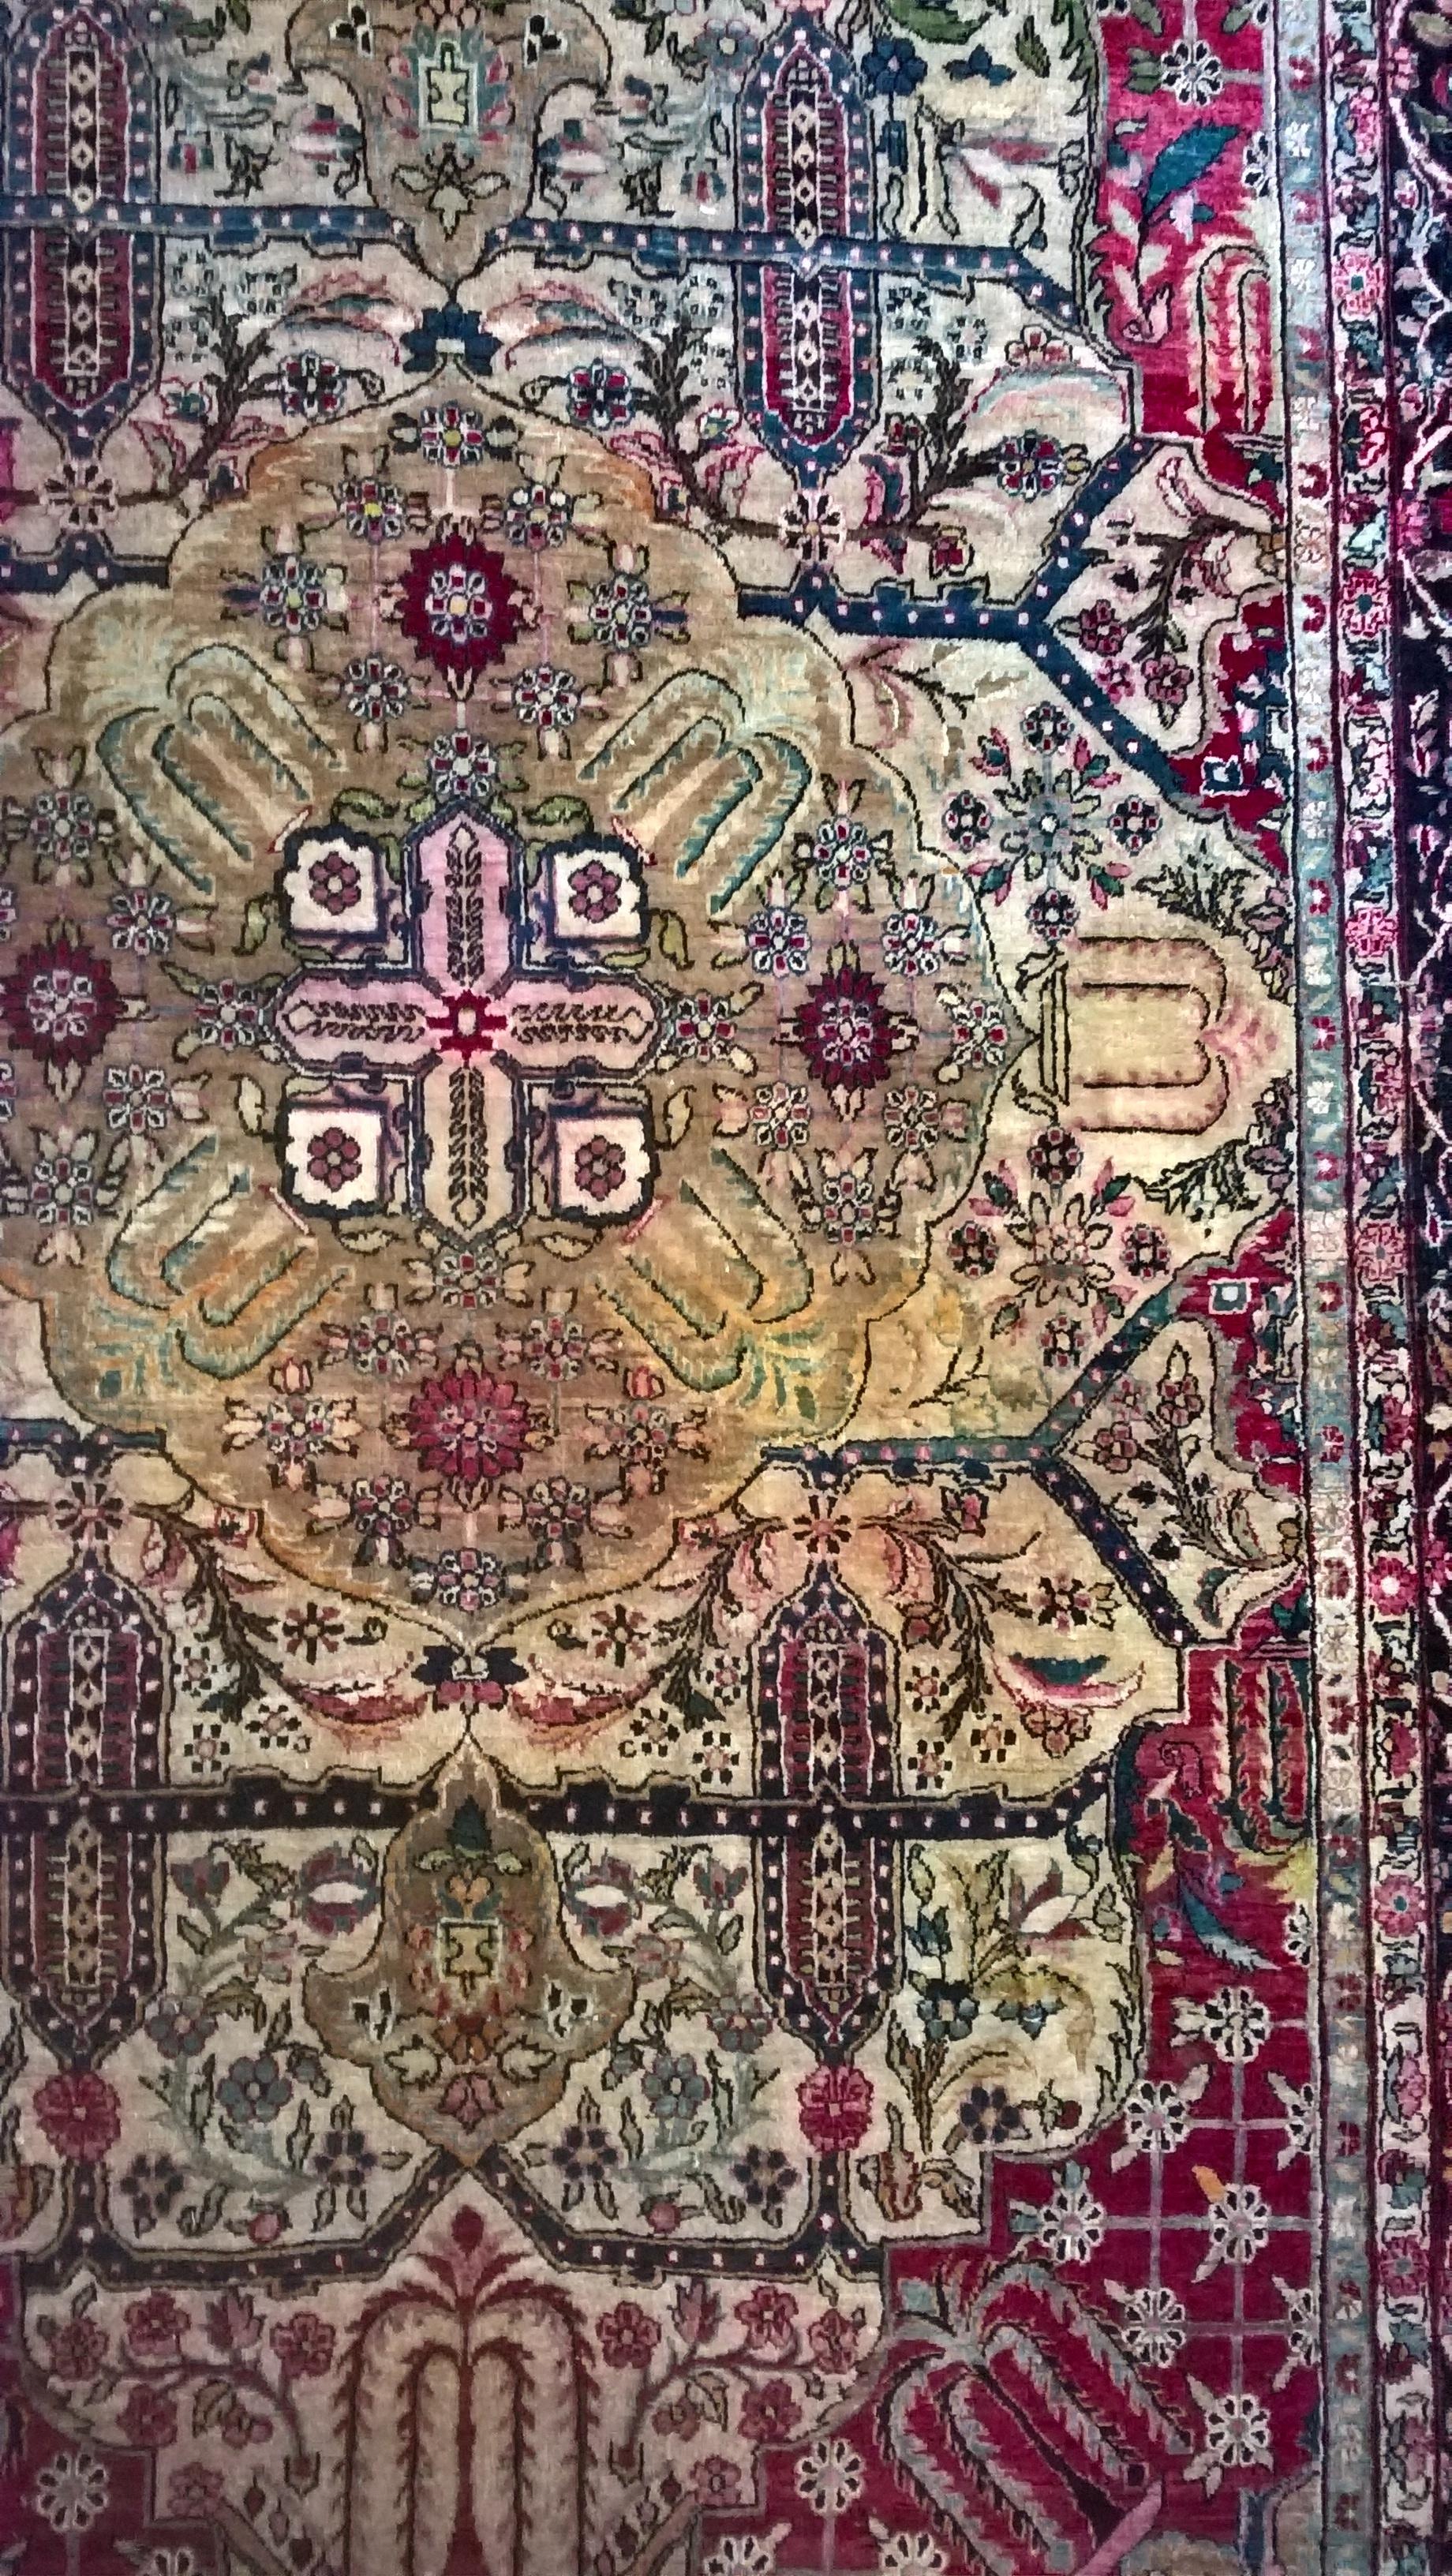 Flot tæppe med utroligt flot og detaljeret blomster mønster